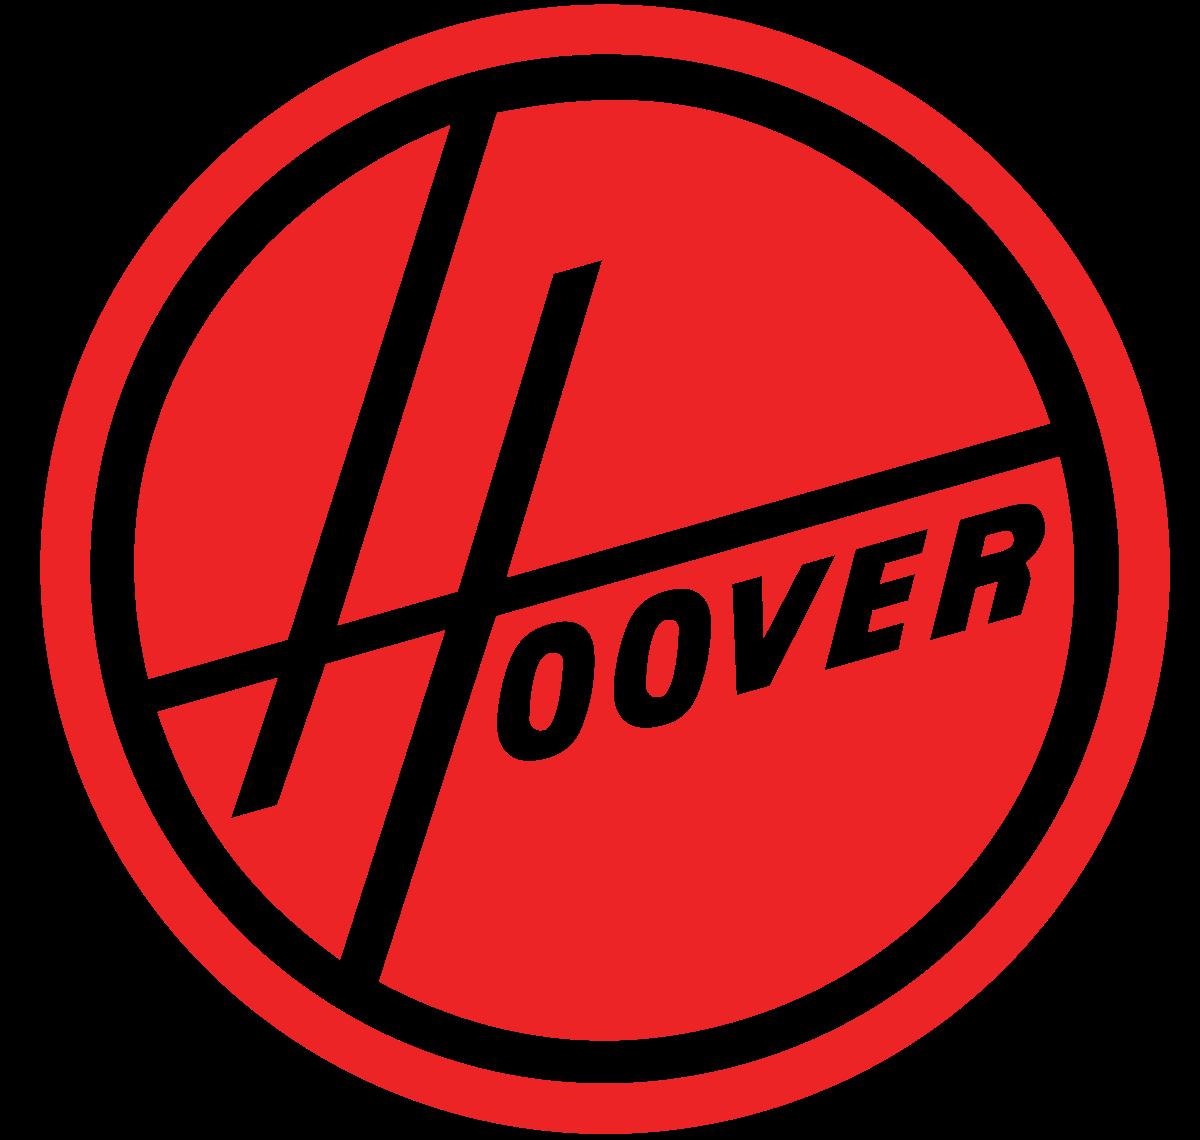 HOOVER'S MFG CO.